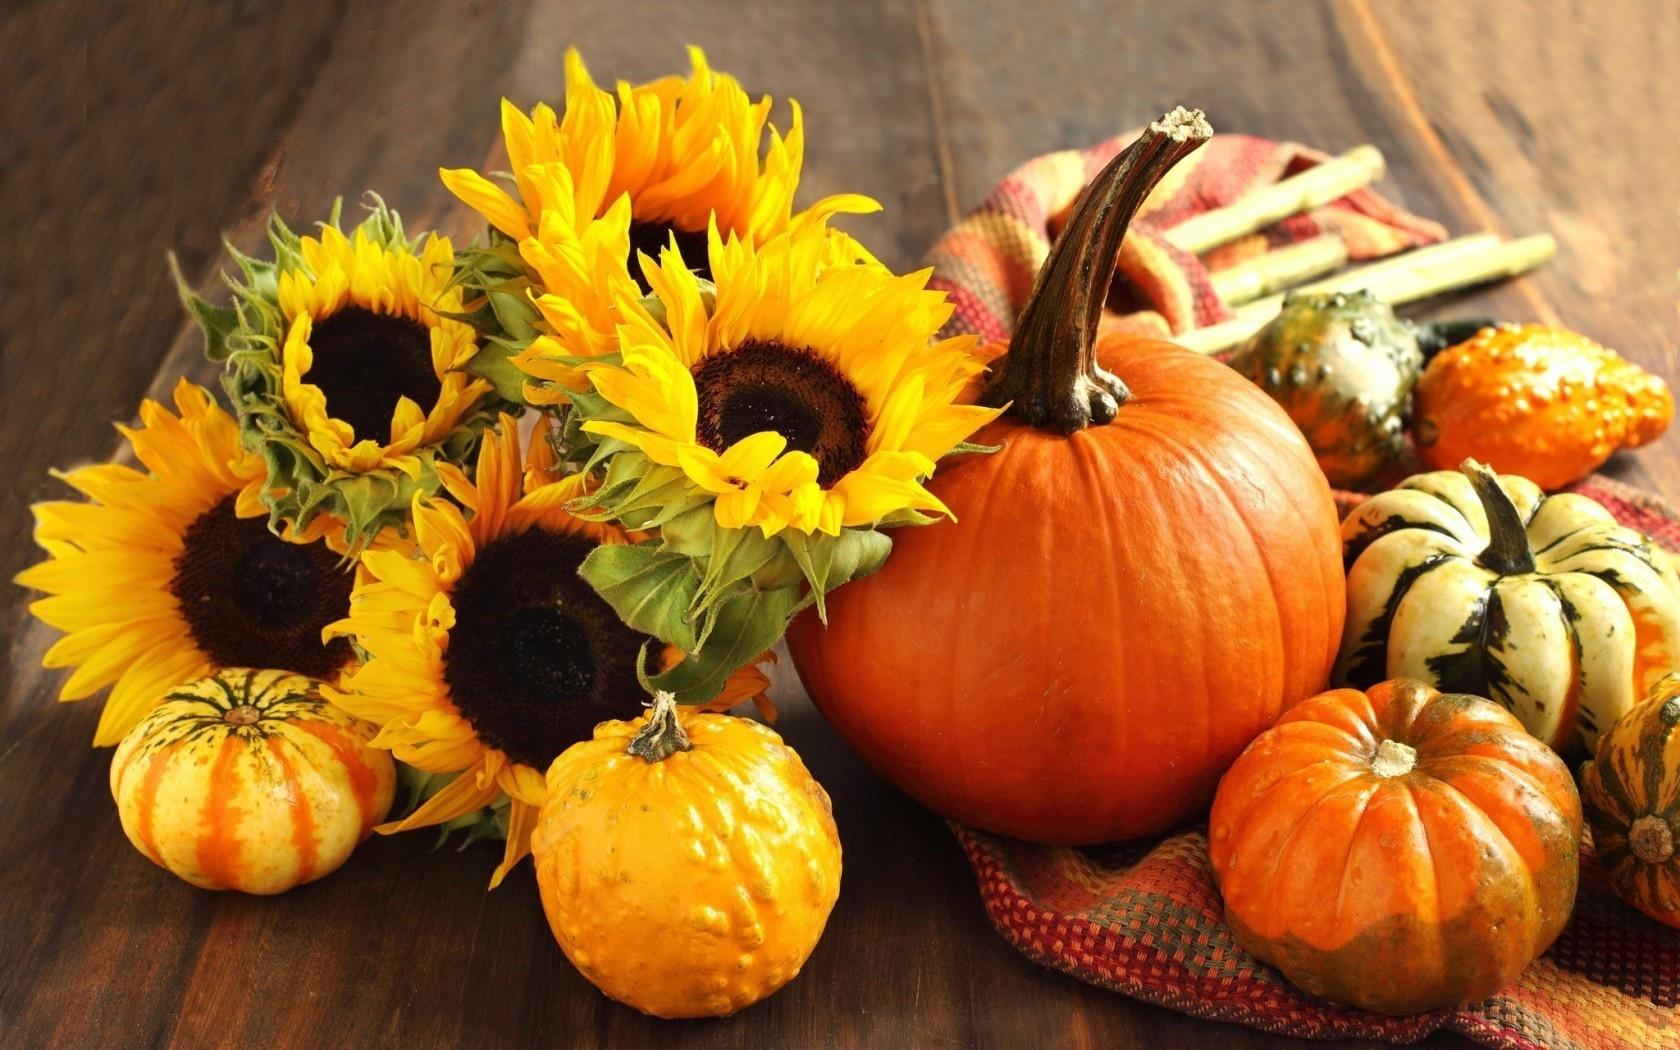 wallpaper autumn pumpkin sunflower harvest still life desktop - Fall Pumpkins